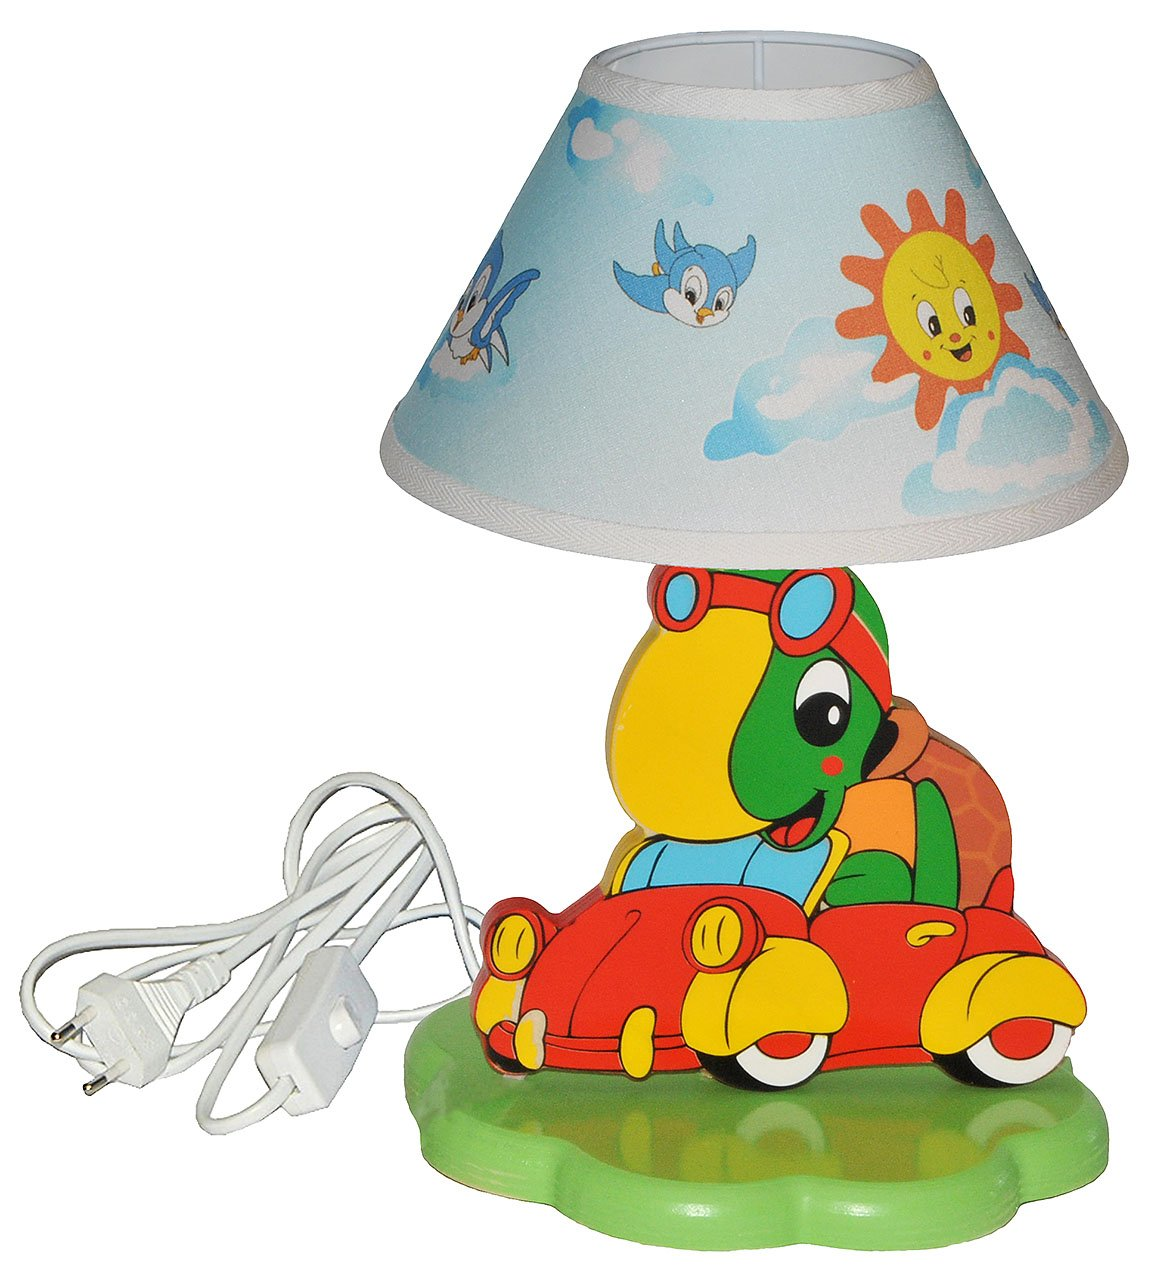 Unbekannt hochwertige Tischlampe aus Holz - Schildkrö te im Auto - incl. Namen - 37 cm hoch - Kinderzimmer Tischleuchte - Lampe Tiere - Nachttischlampe fü r Kinder Stehla.. Kinder-land